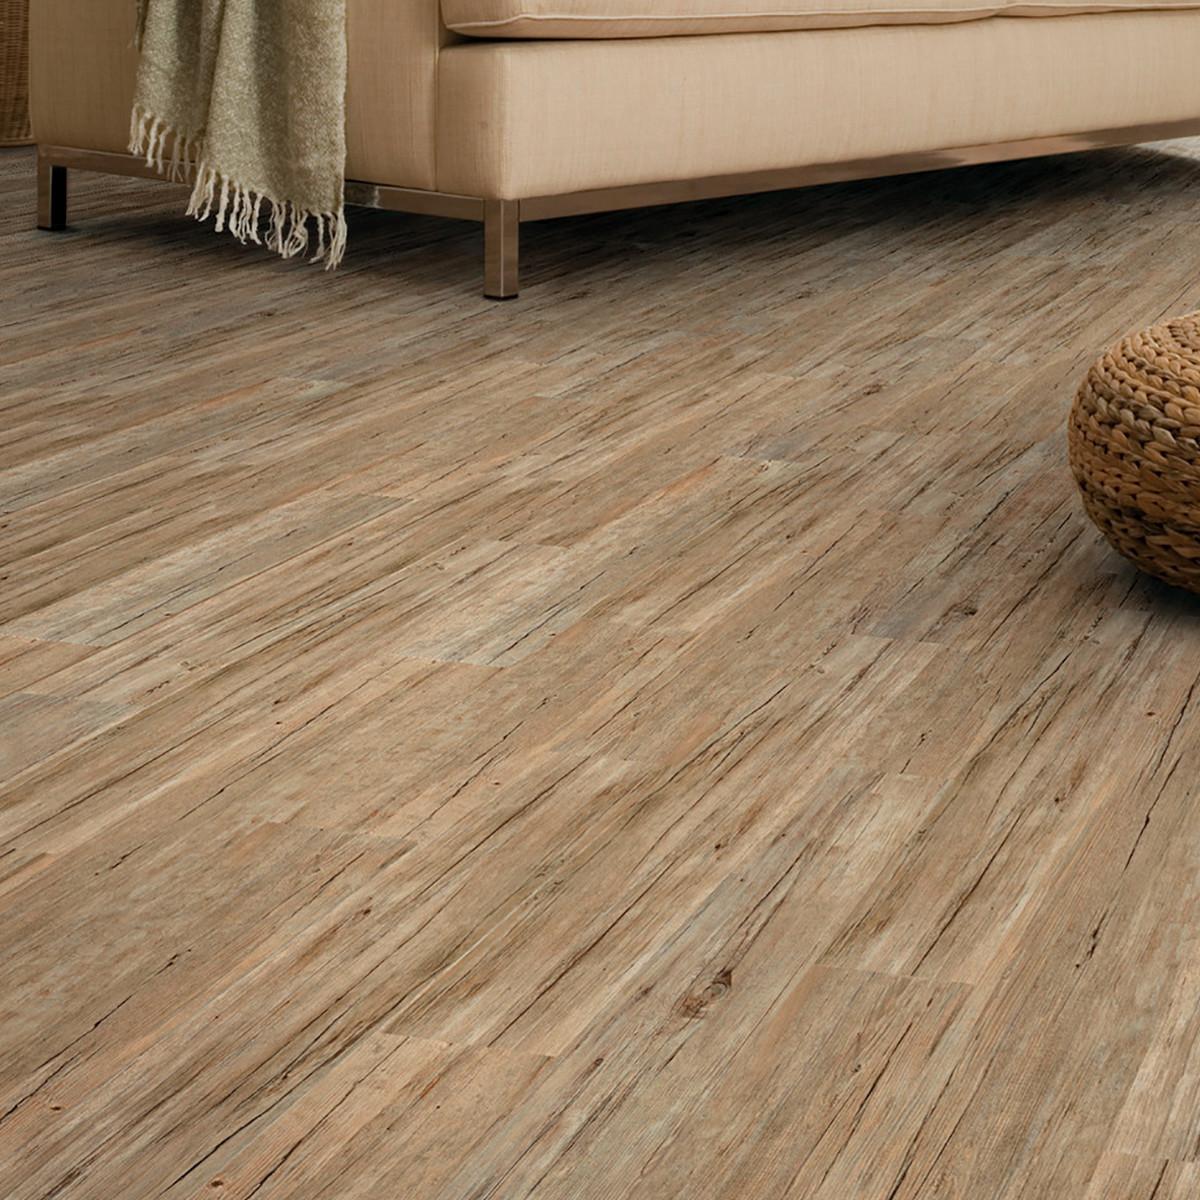 Idee pavimenti casa il parquet laminato nel soggiorno for Costo per livellare il pavimento in casa